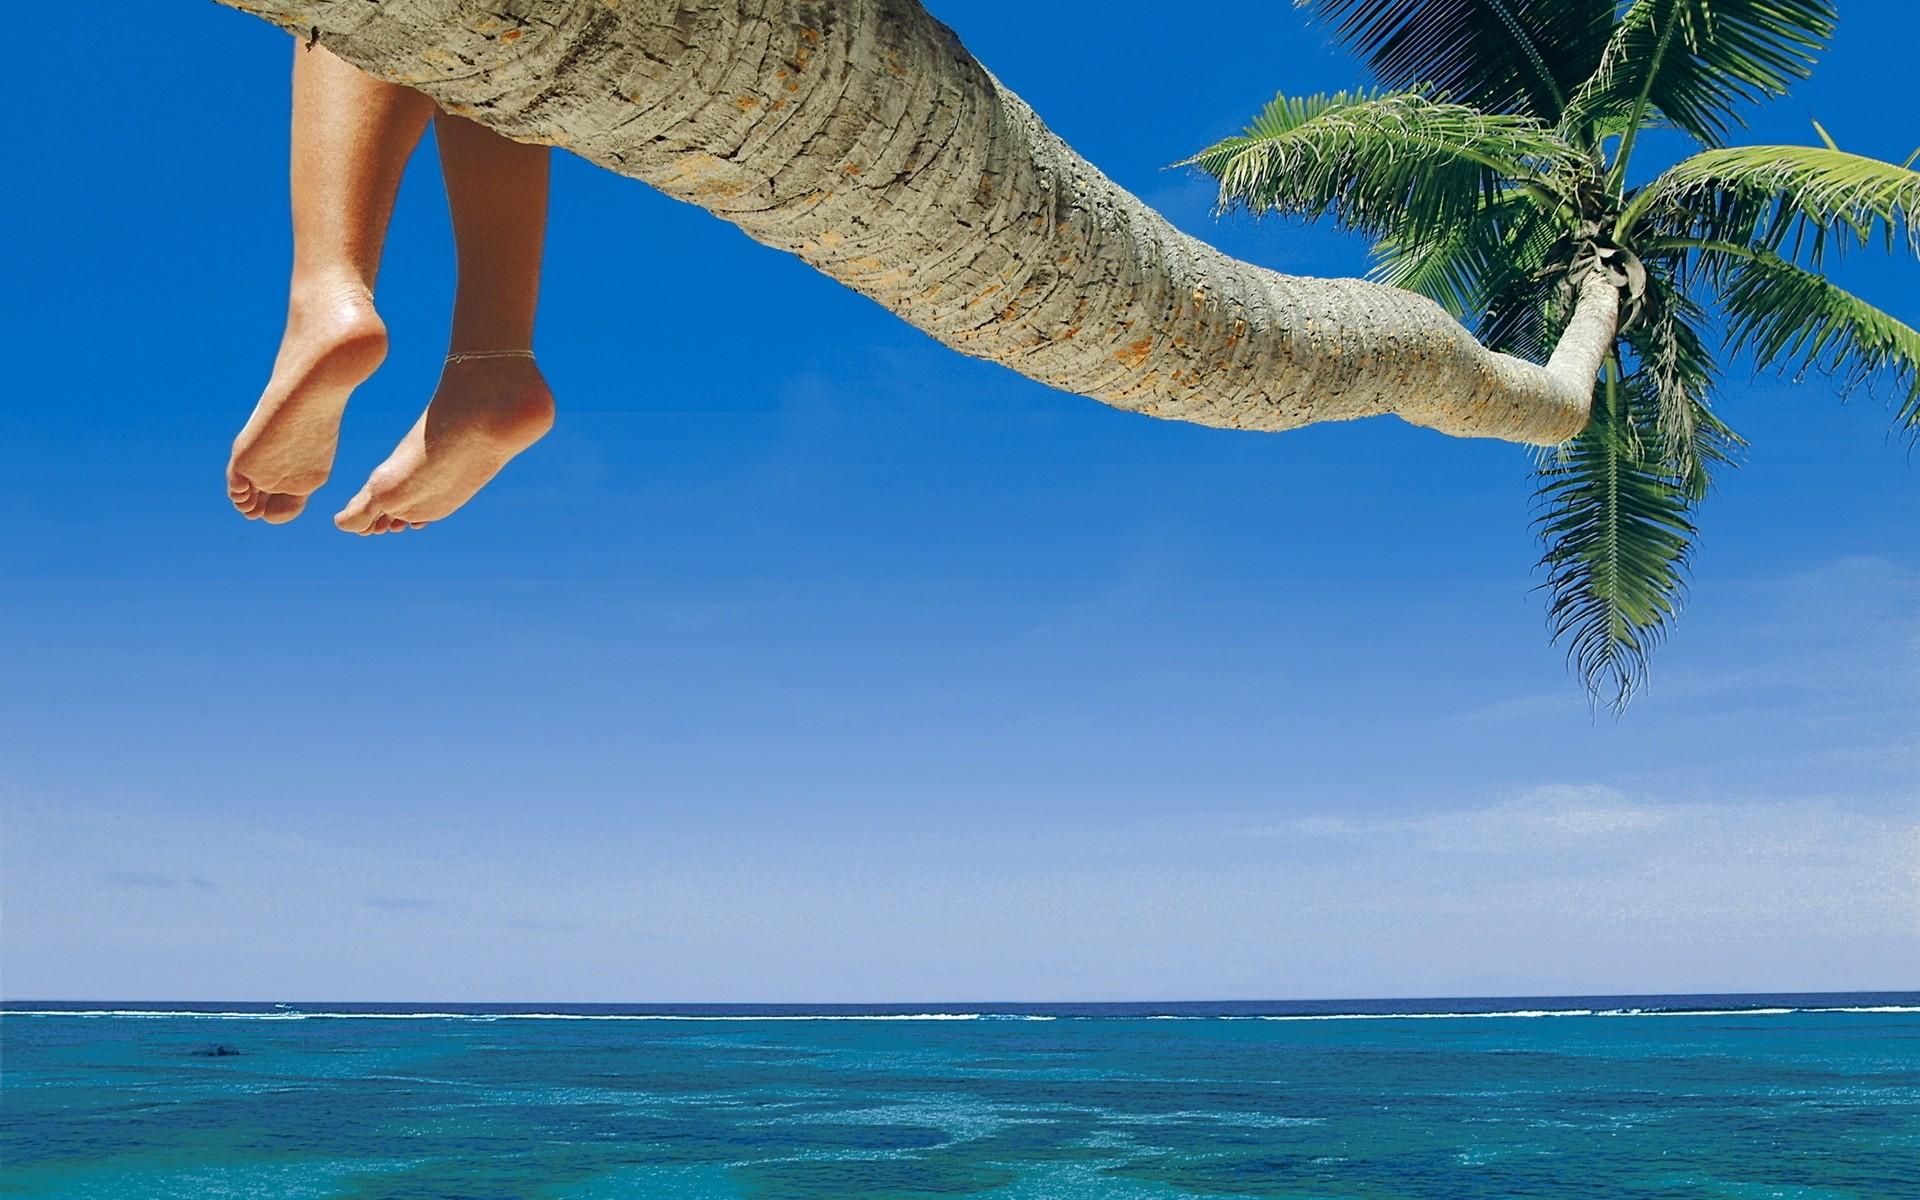 Открытки днем, картинки и отпуск